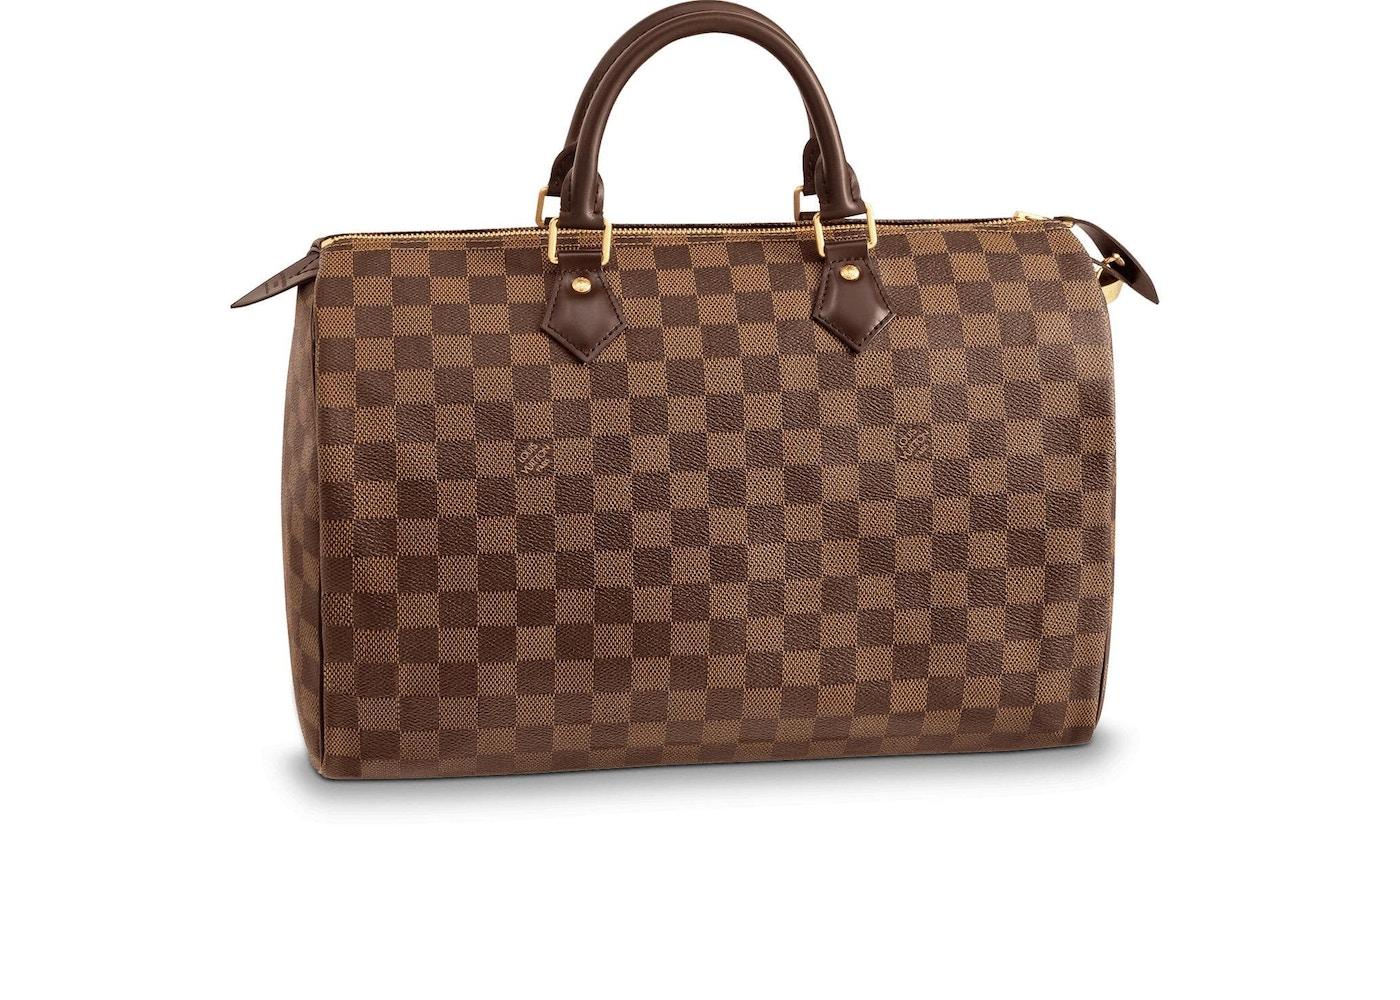 e855c4ffee42e Louis Vuitton Speedy Damier Ebene 35 Brown